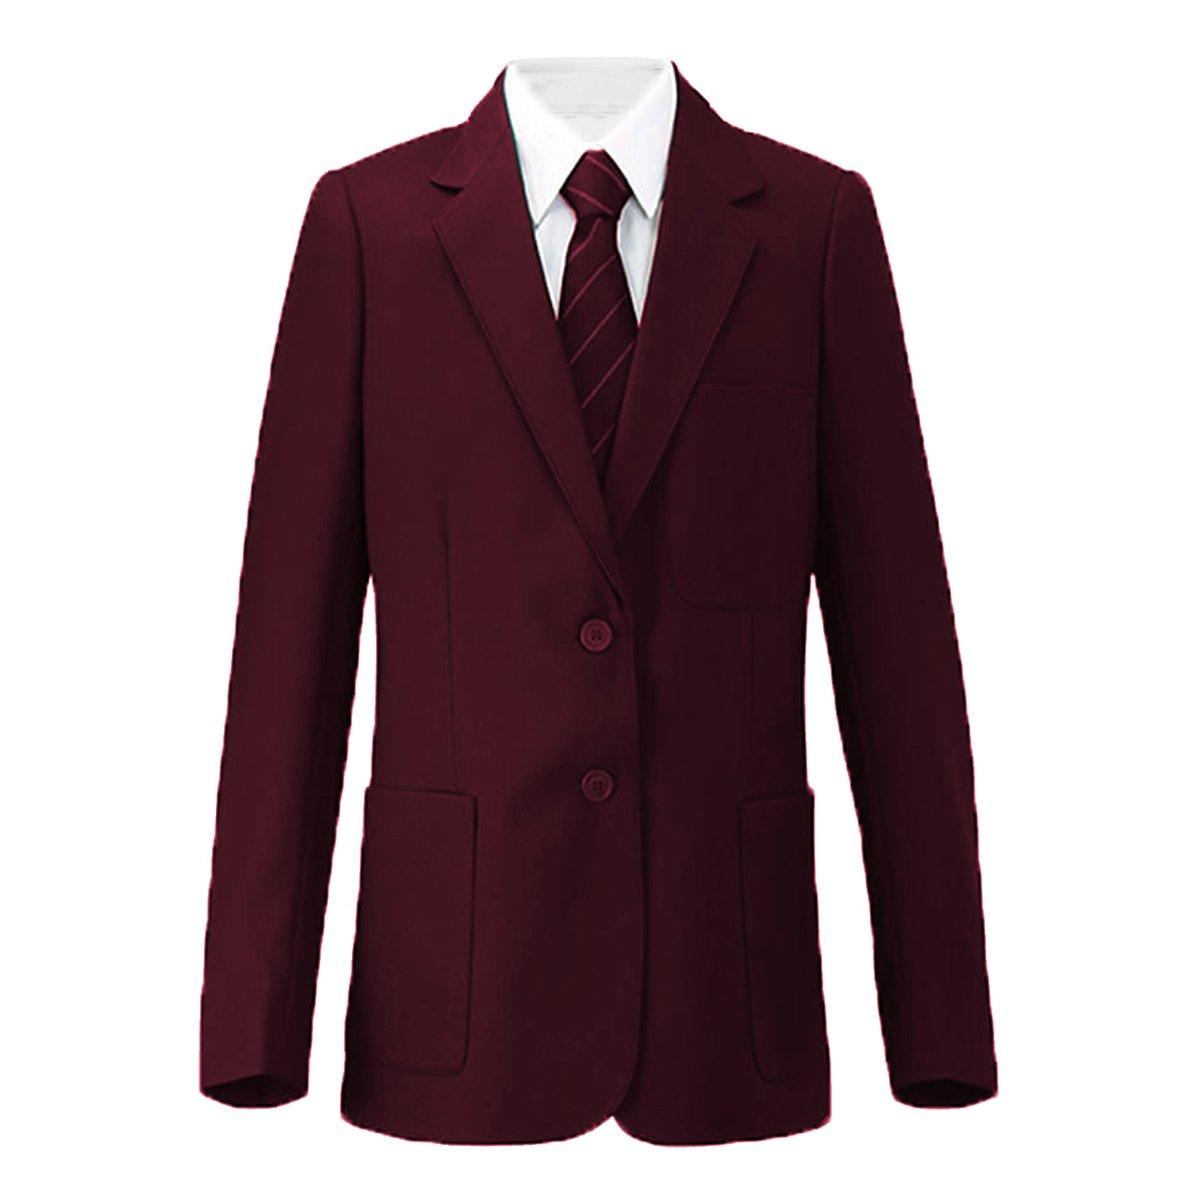 David Luke Eco Premier Boys All Weather Coat Formal Wear School Uniform Blazer